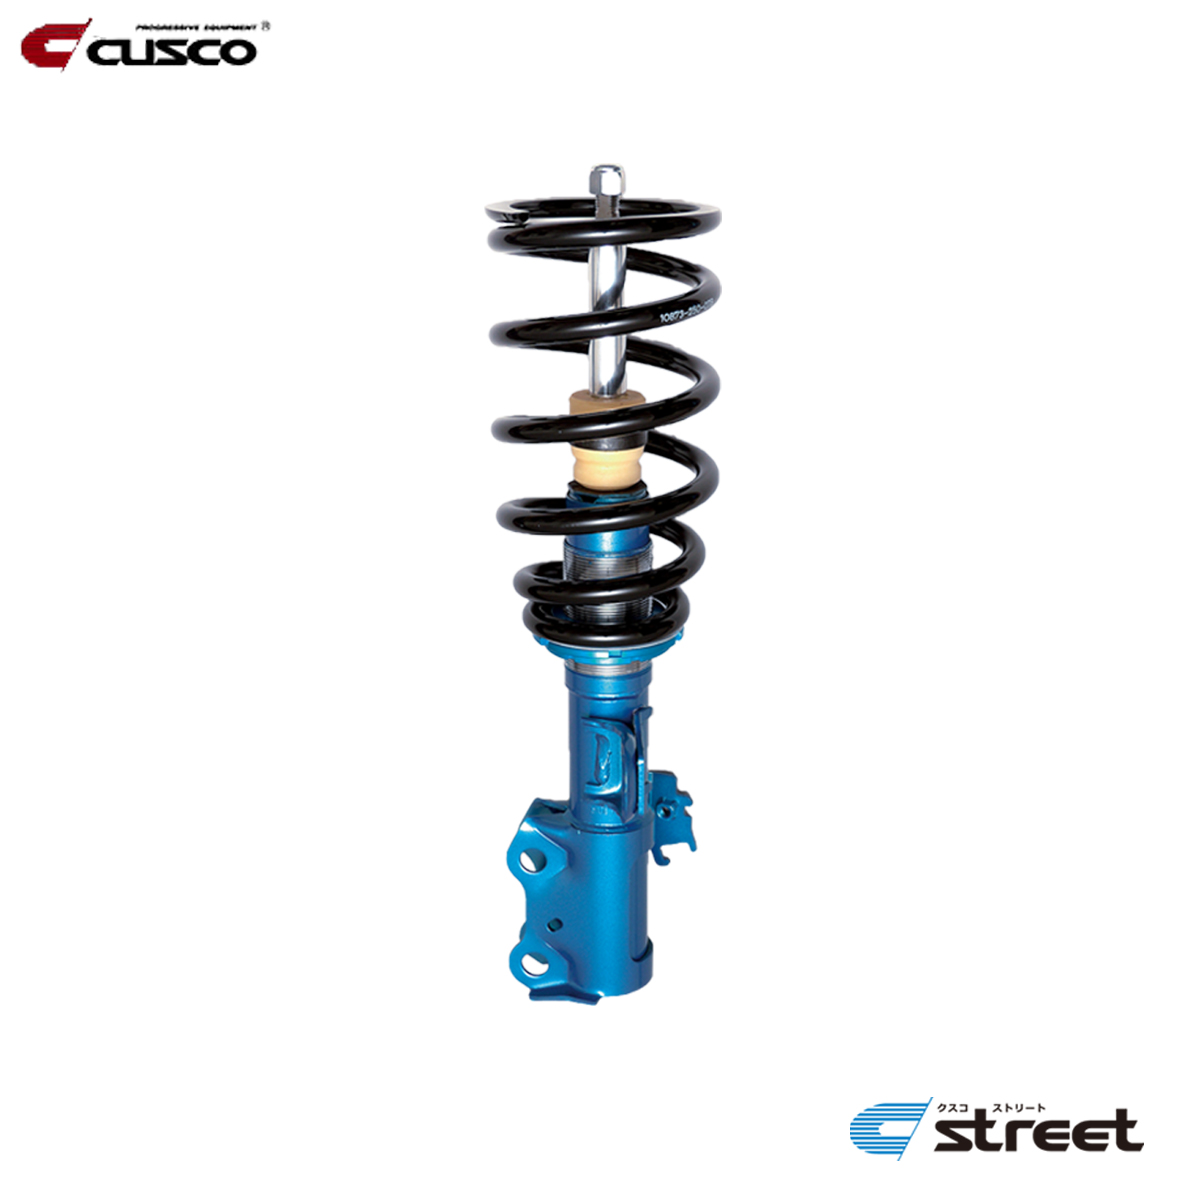 CUSCO クスコ ラパン HE22S 車高調 全長固定式 632-62K-CBA